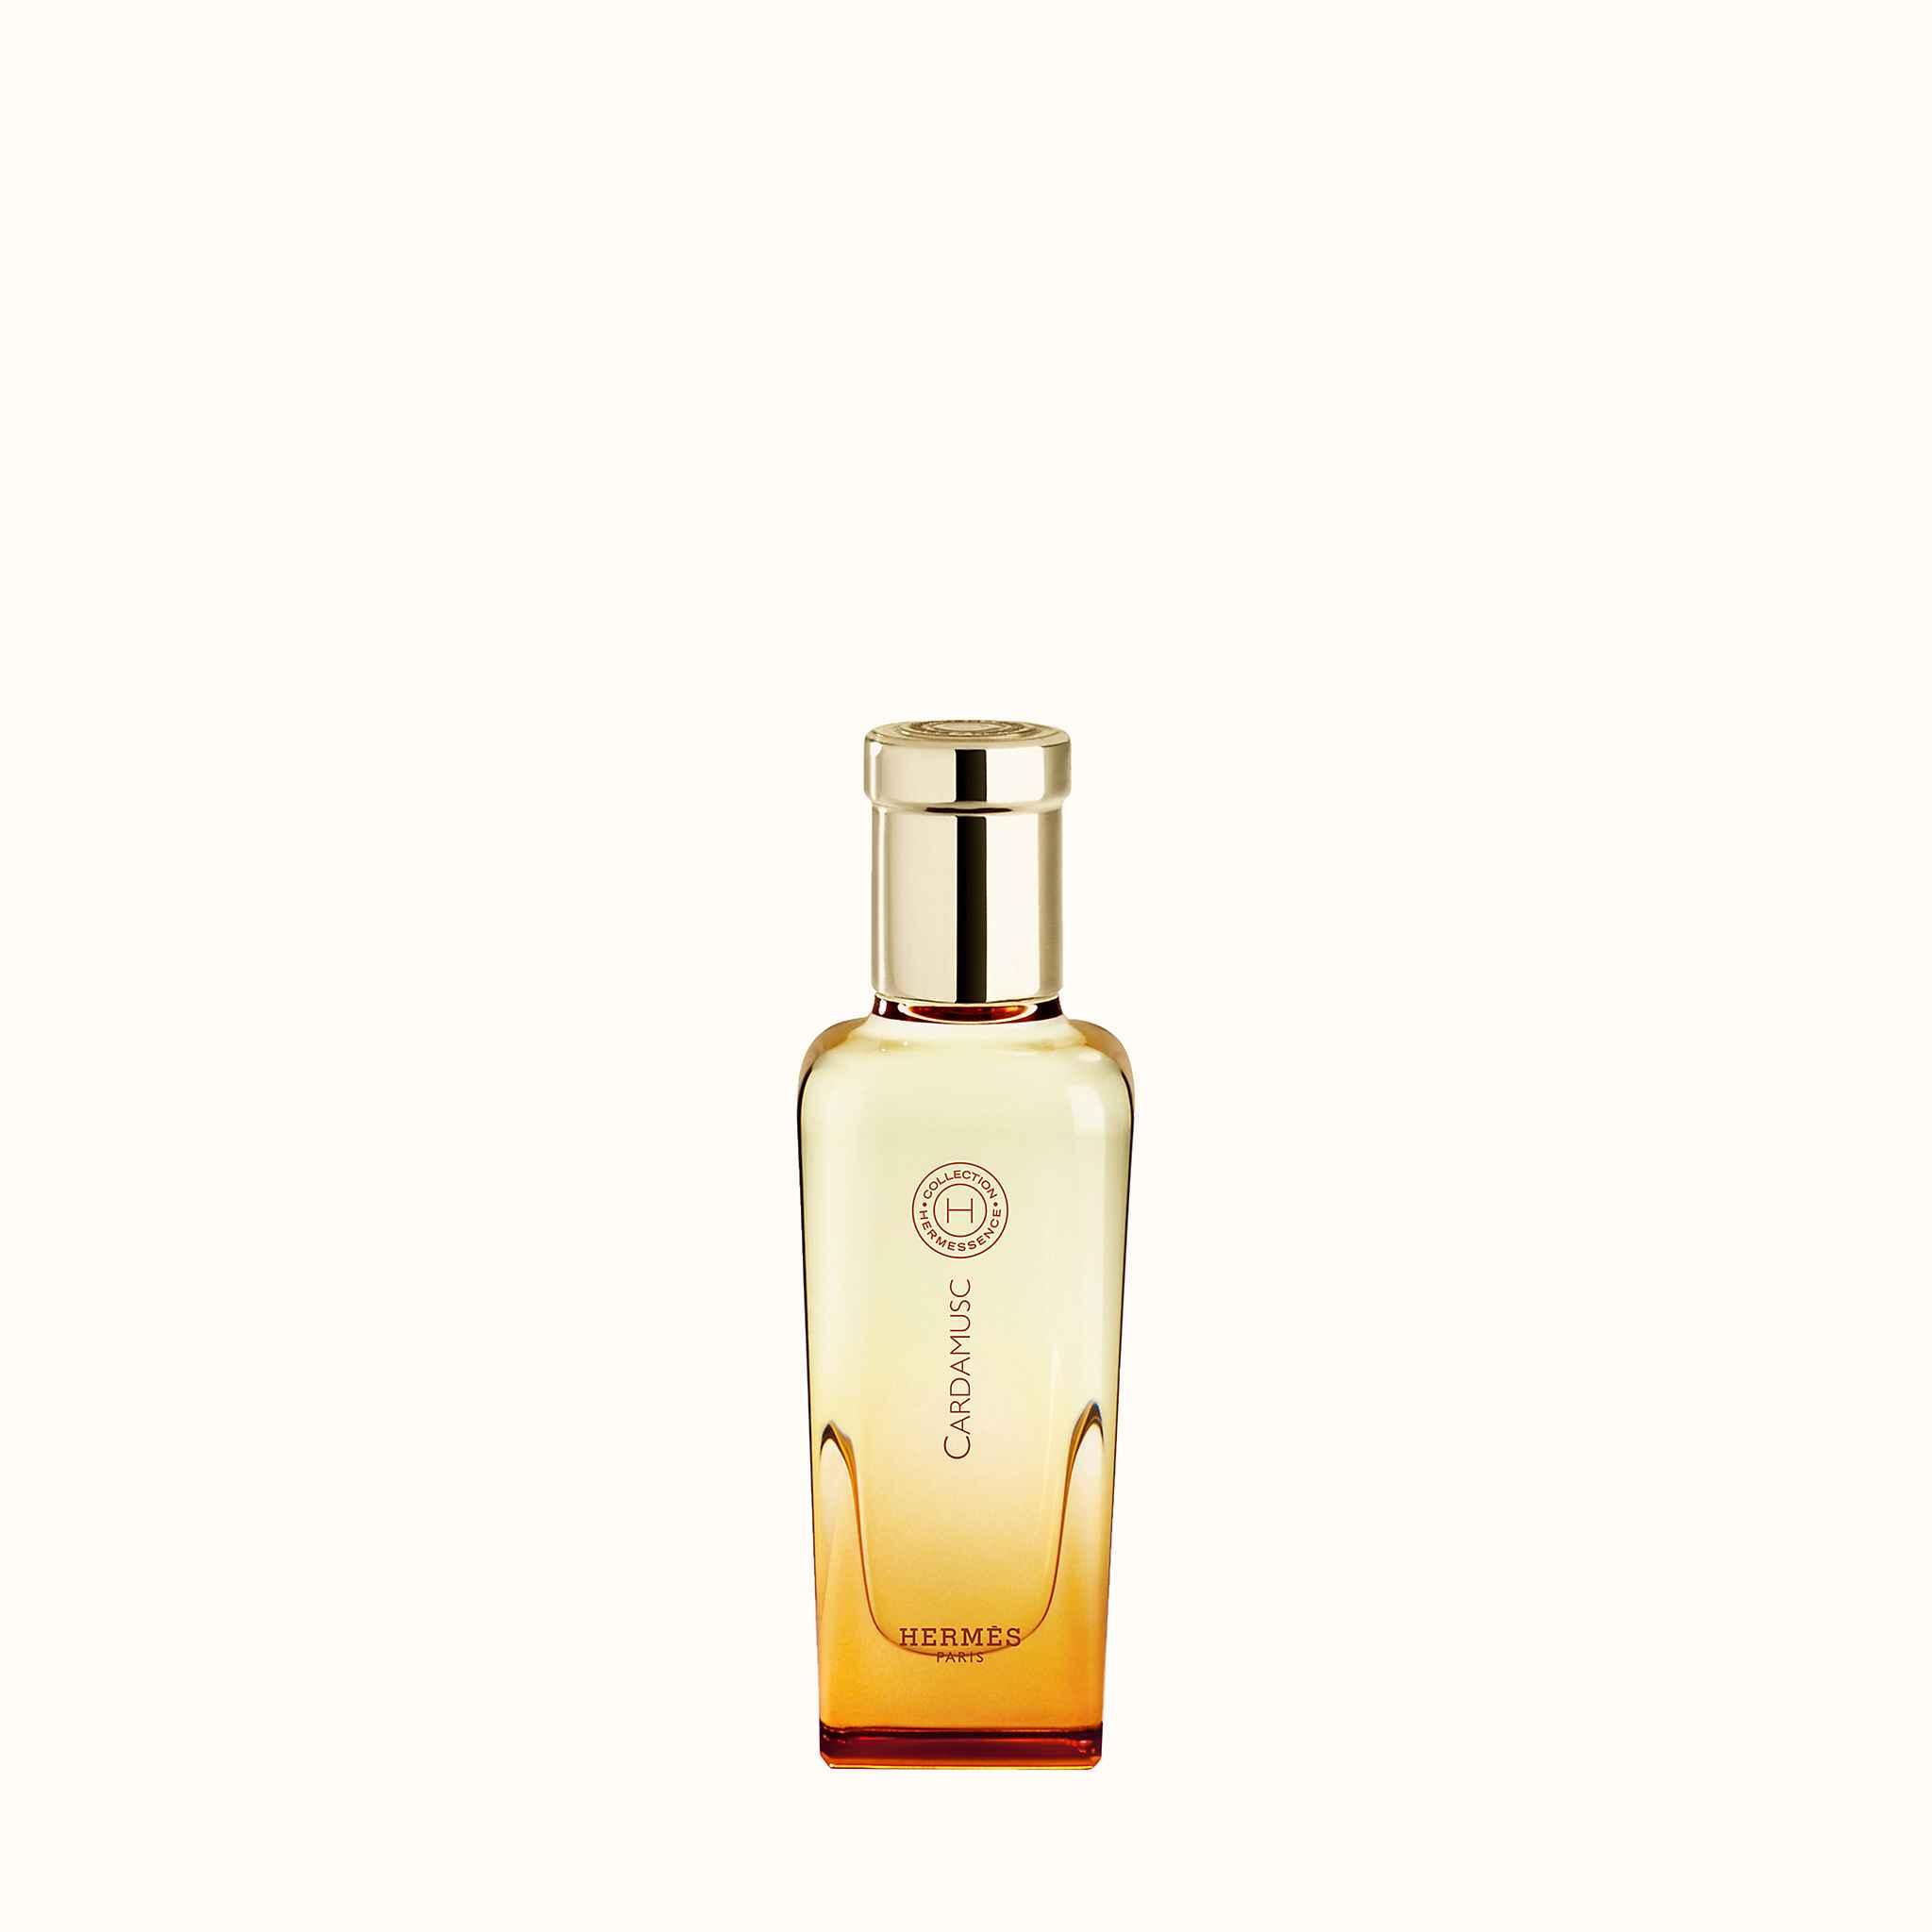 De Cardamusc Essence De Essence Parfum Parfum Parfum Cardamusc De Cardamusc Cardamusc Essence FJcKl1